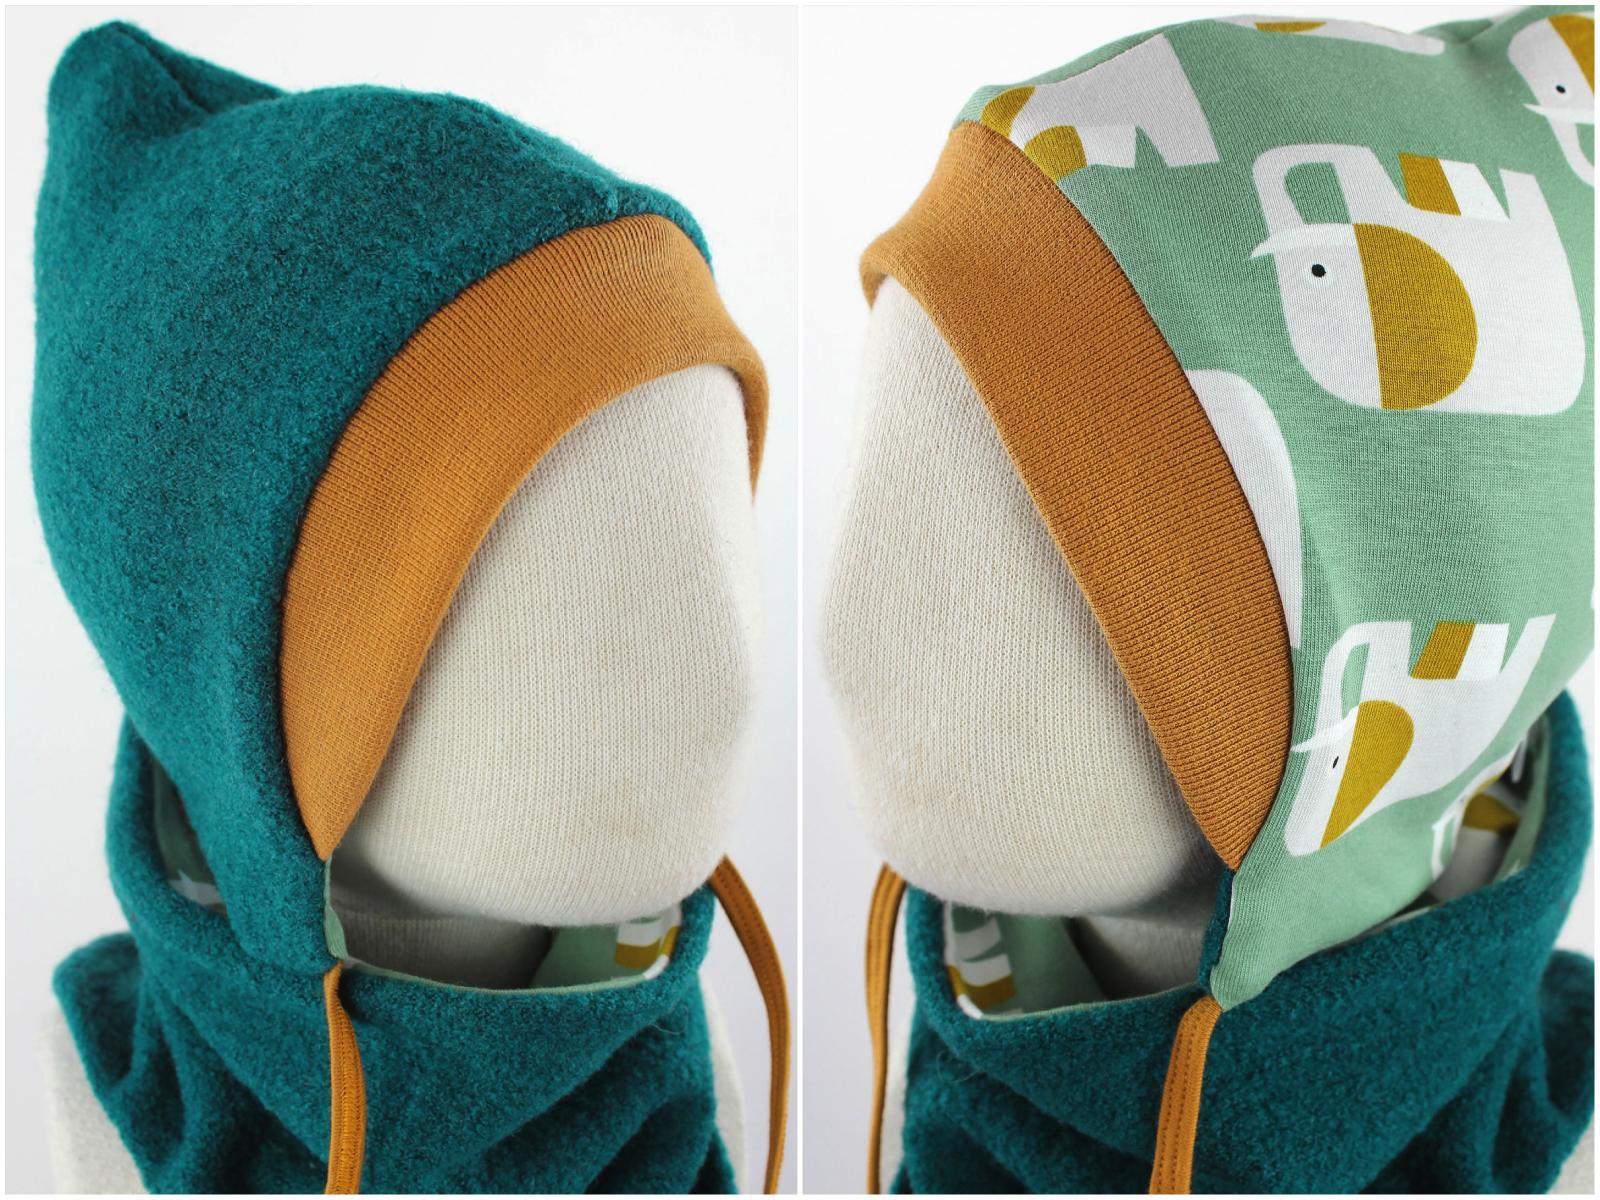 Kinder-Wollmütze zum Wenden smaragdgrün mit Elefanten auf mintgrün KU 47-49